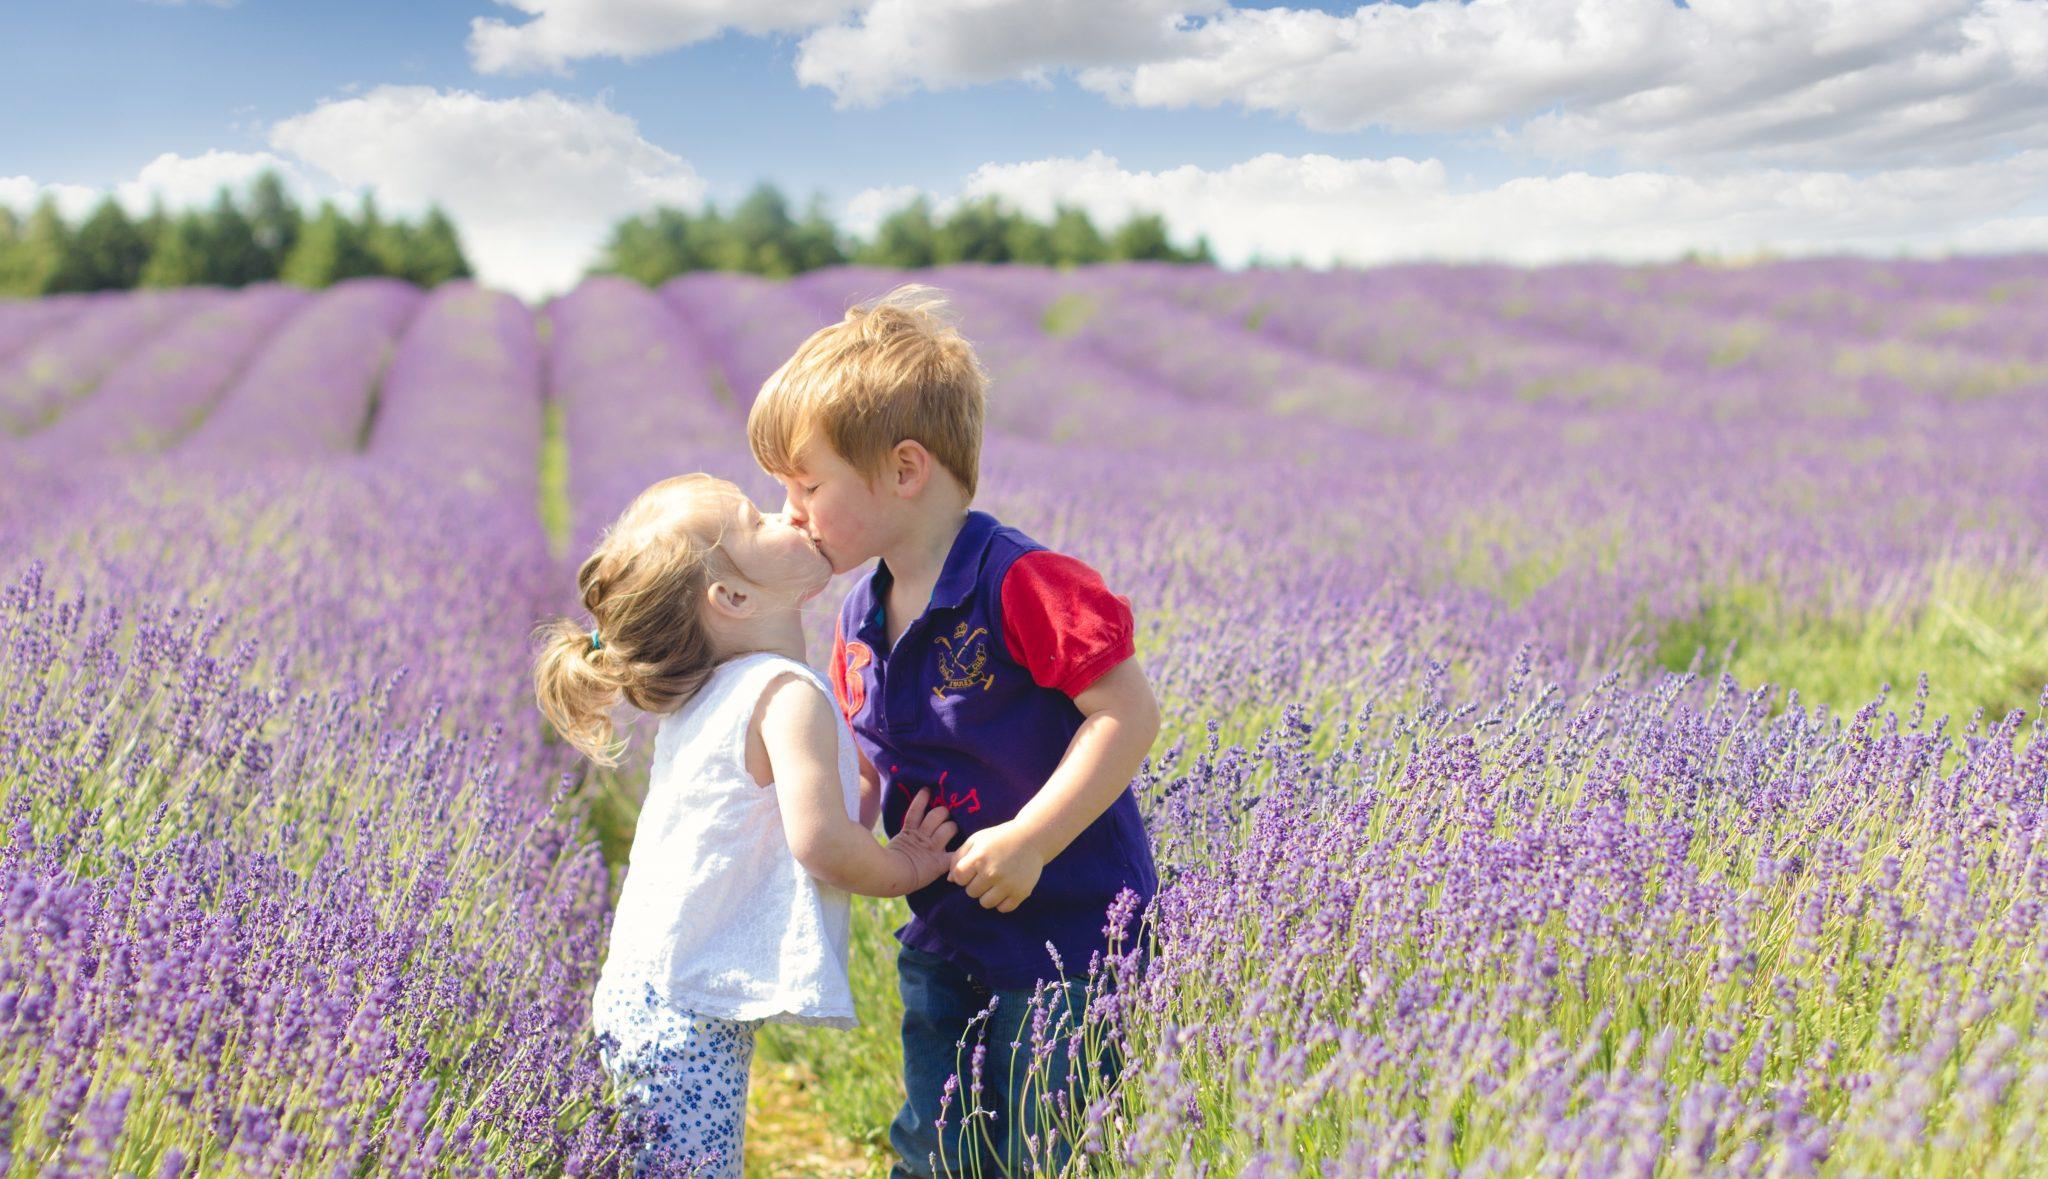 Kissing in lavender fields